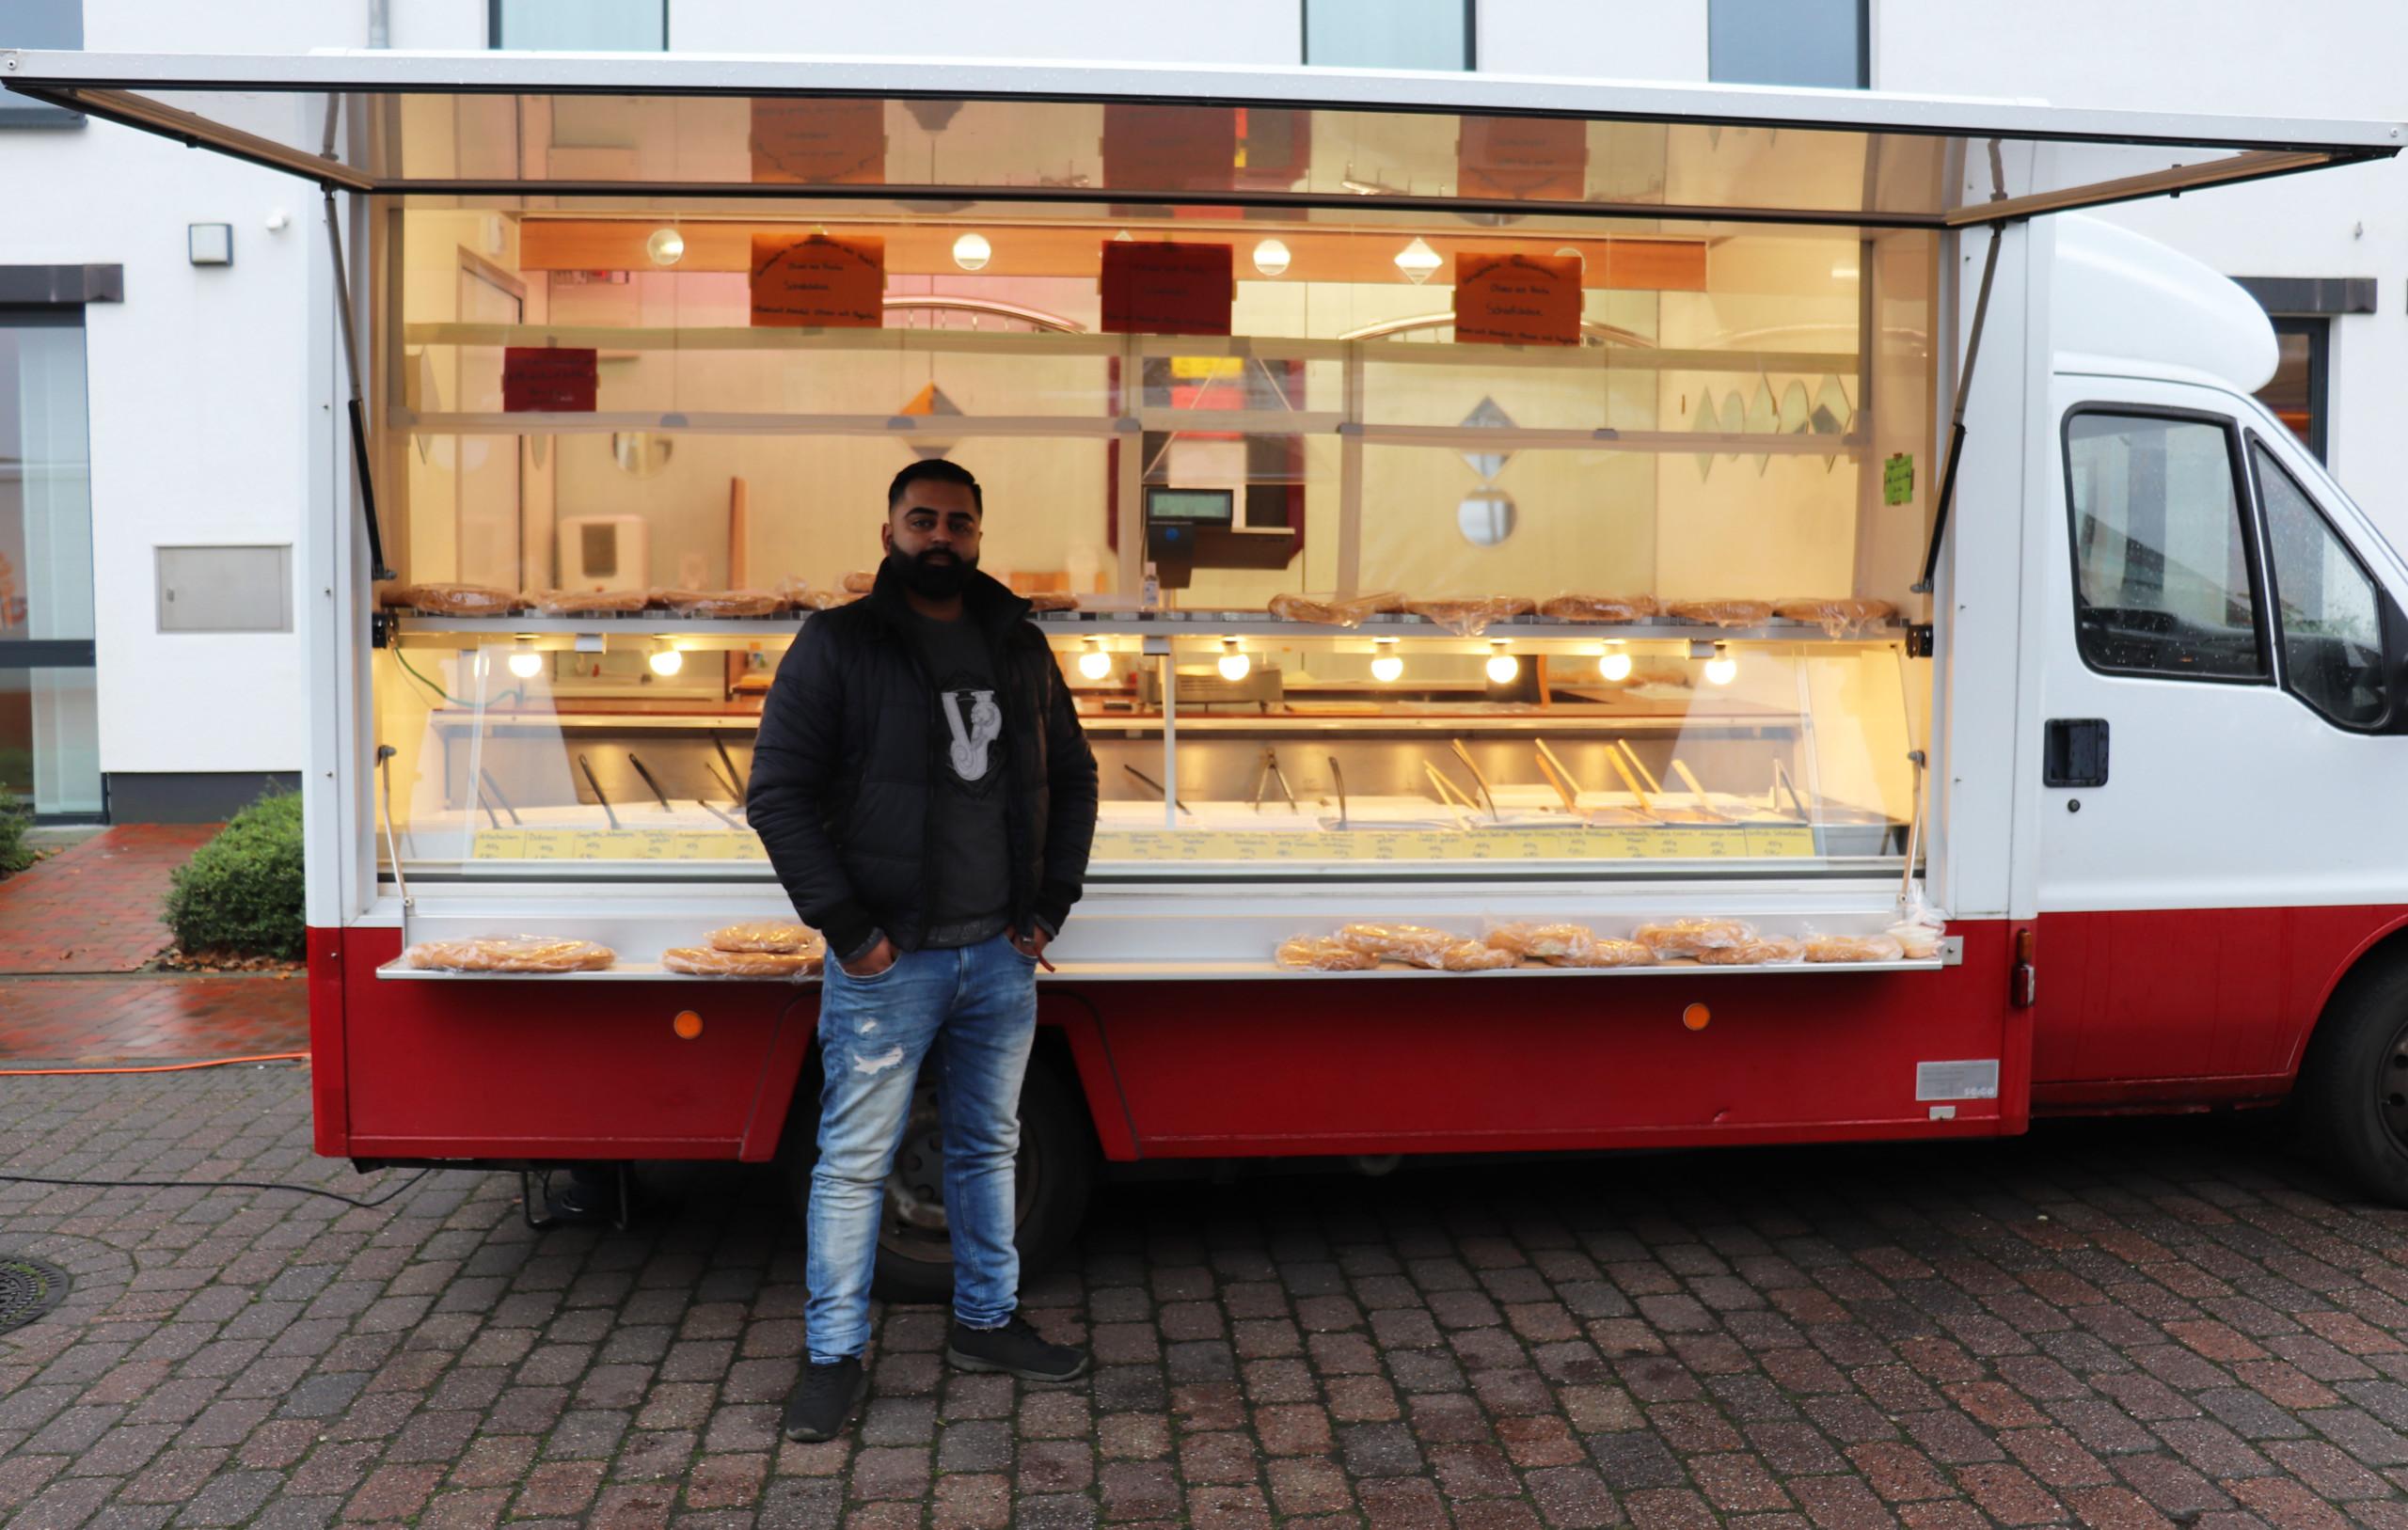 Shahbaz Ahmed bietet Antipasti in seinem neuen Wagen auf dem Barßeler Wochenmarkt an. Aufnahme: Wlodarczyk/Gemeinde Barßel